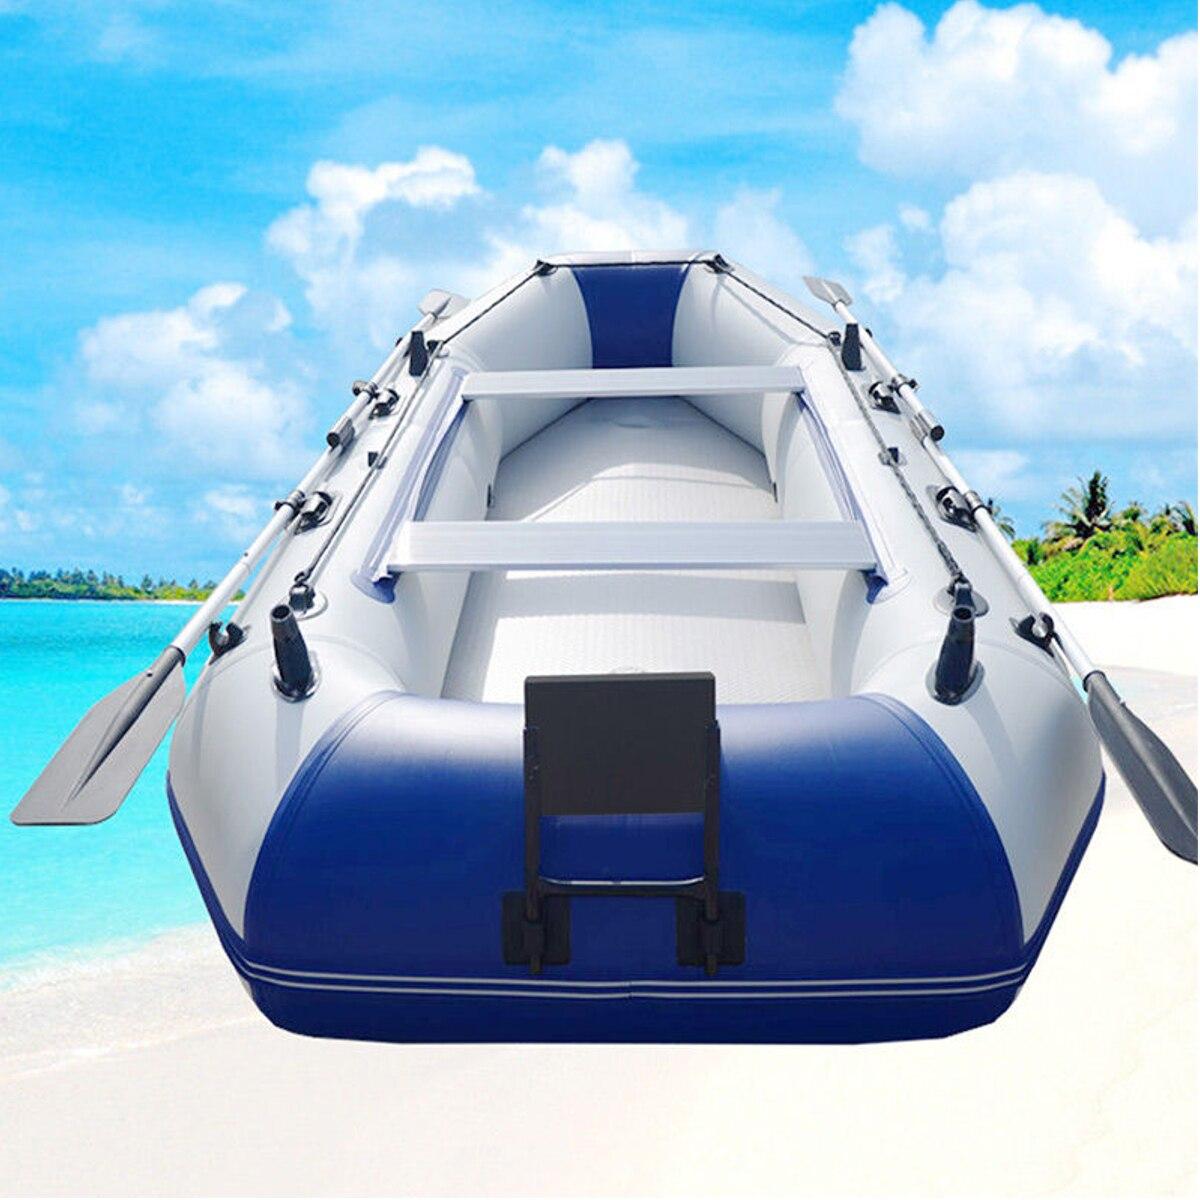 Moteur moteur accrocher Support petit Support pour 1.75/2 M bateau de pêche gonflable bateaux en caoutchouc - 3